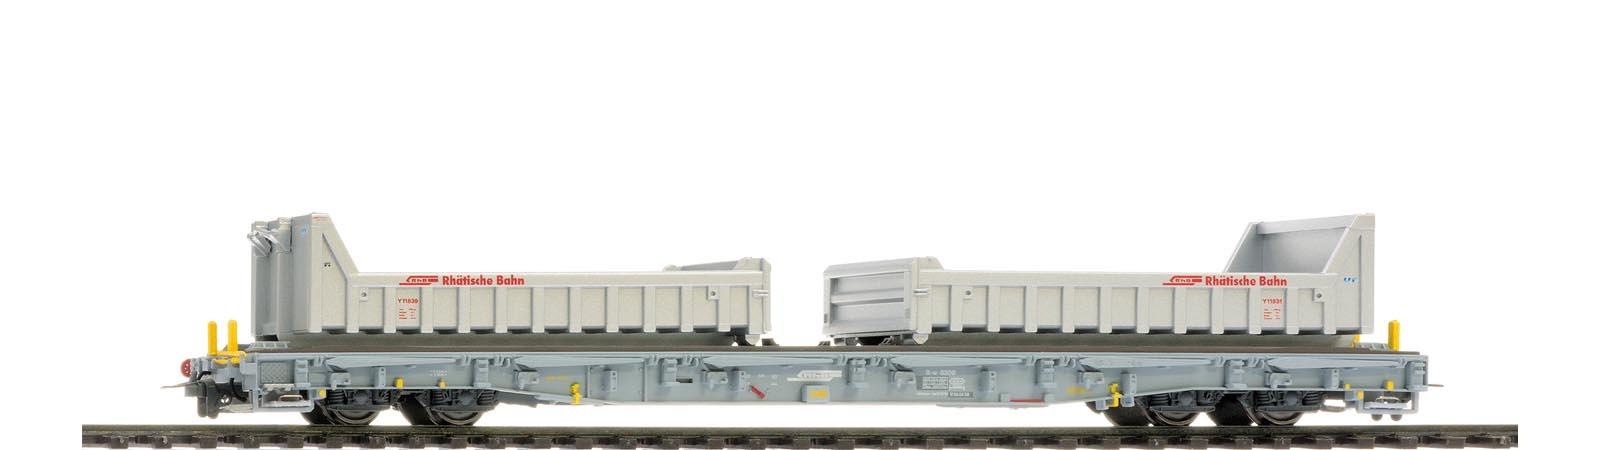 2291119 RhB R-w 8209 ACTS-Tragwagen mit Wuhrsteinmulden-1